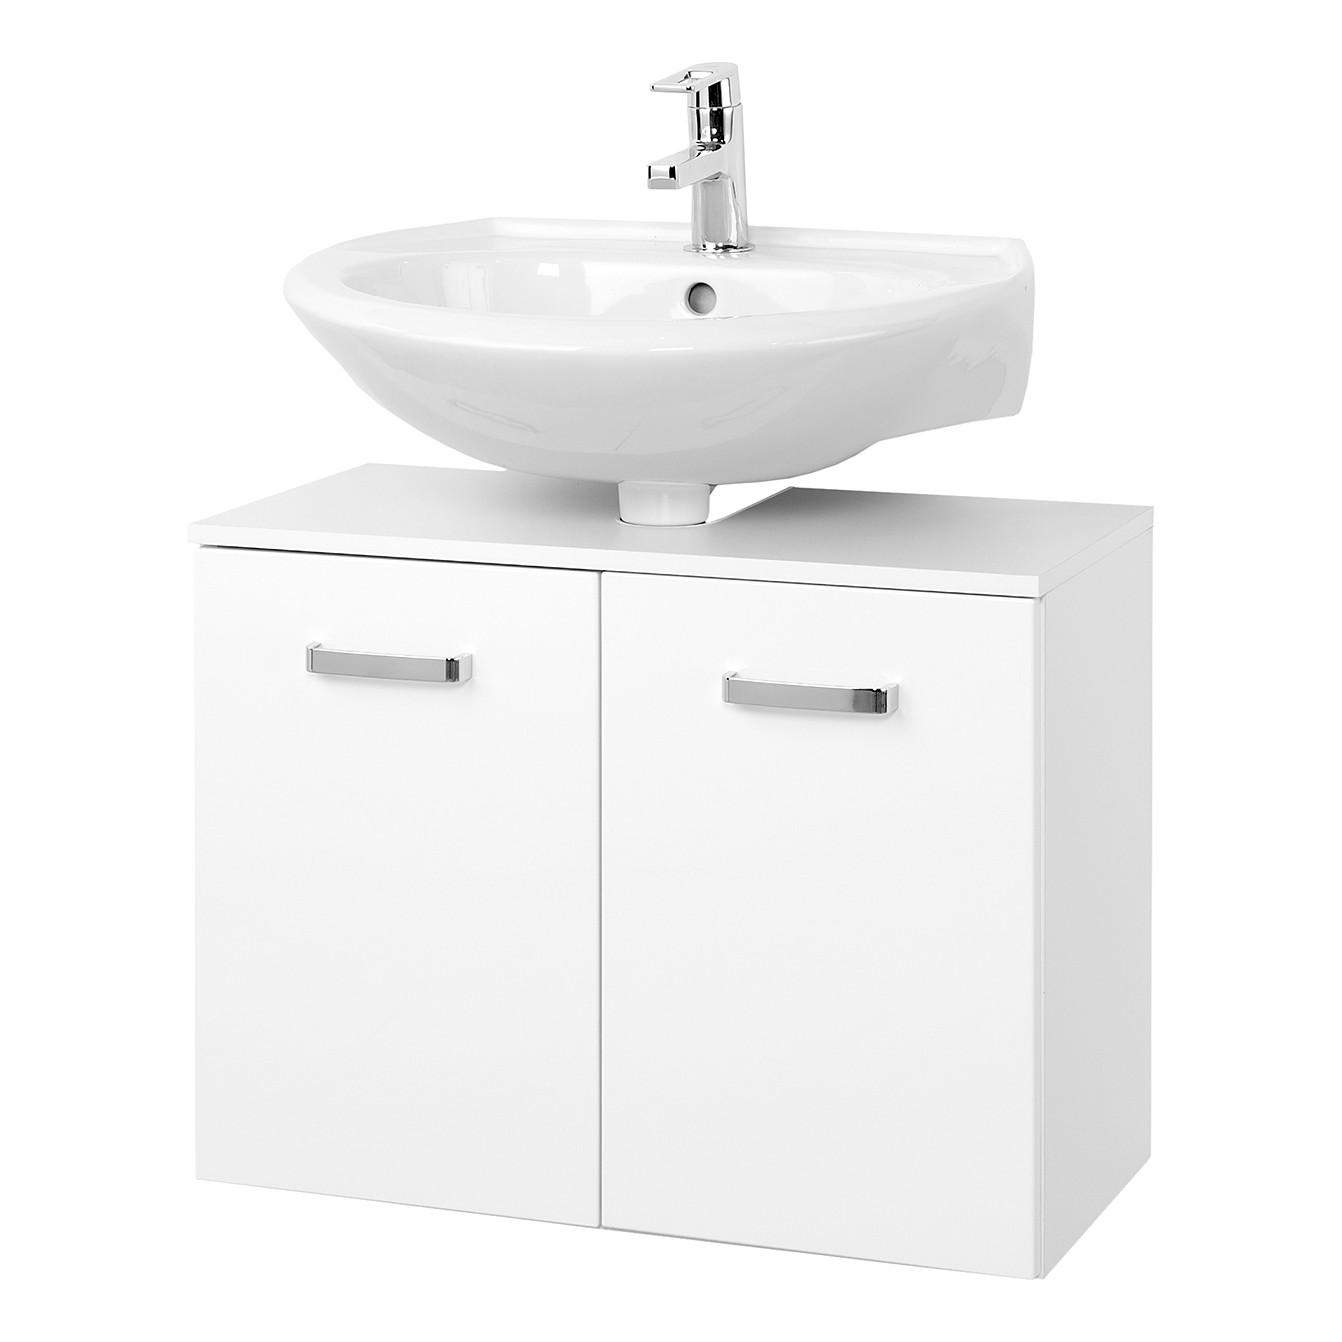 Armadietto da lavabo Zeehan I - Bianco 70 cm, Giessbach